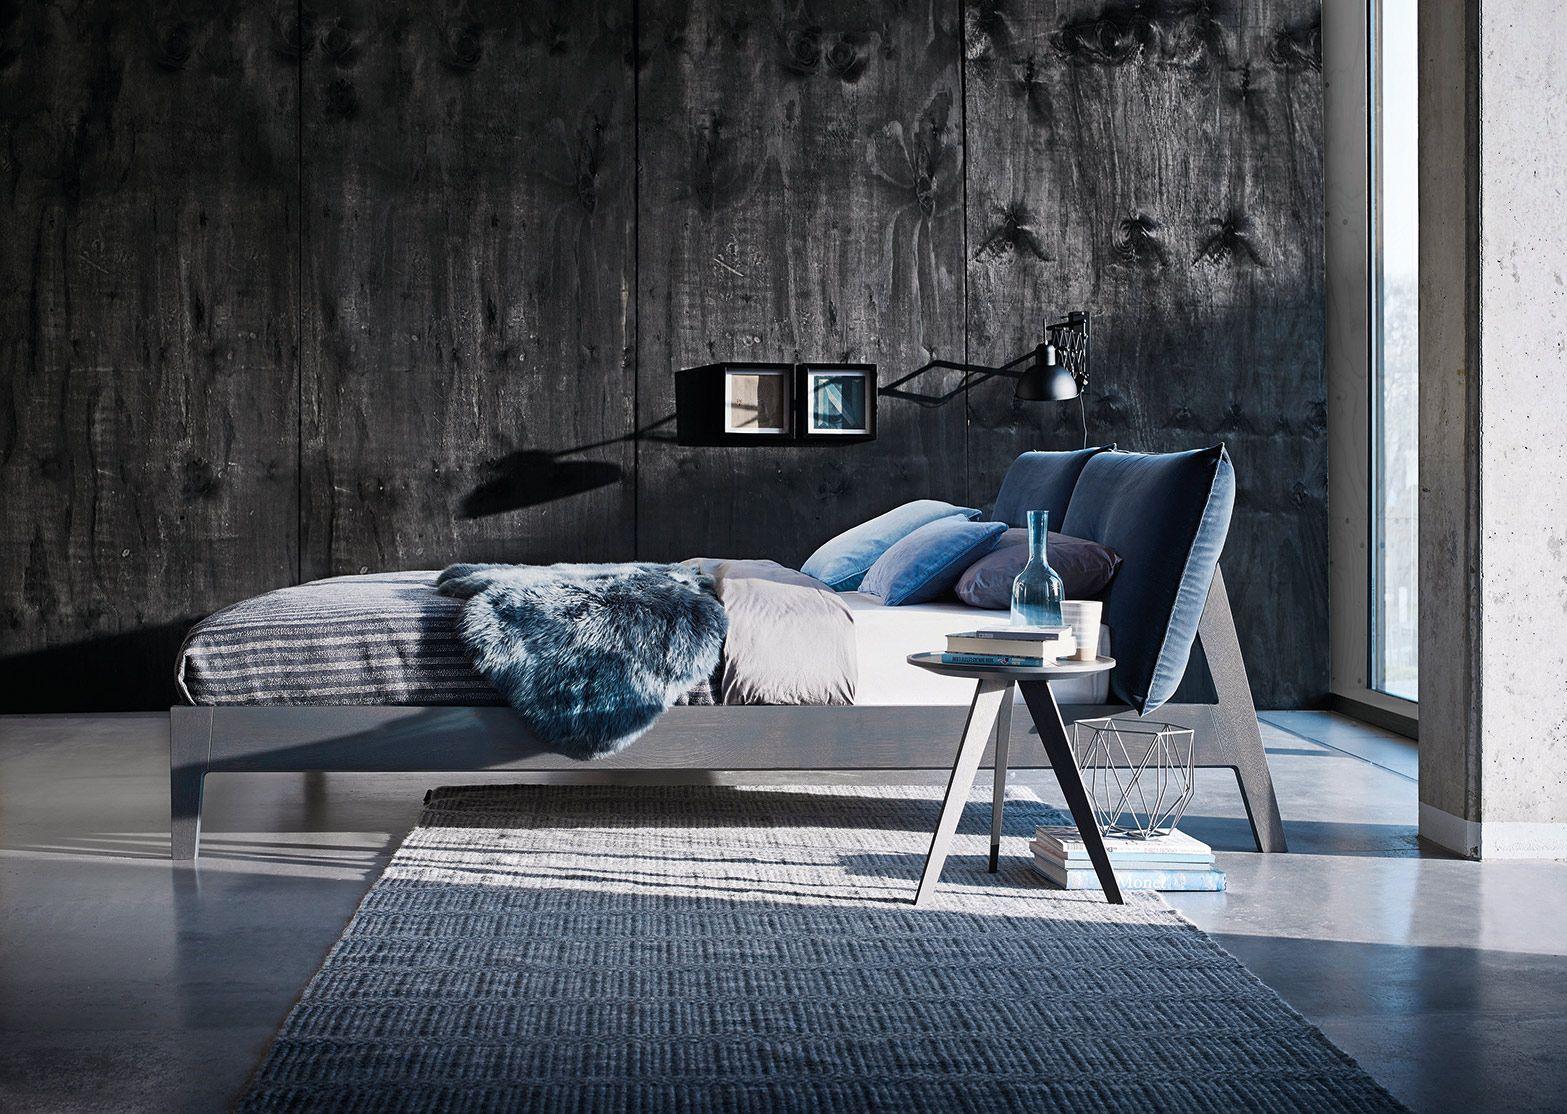 bett alva von m ller design betten auer schlafstudio im raum rosenheim das werkhaus. Black Bedroom Furniture Sets. Home Design Ideas